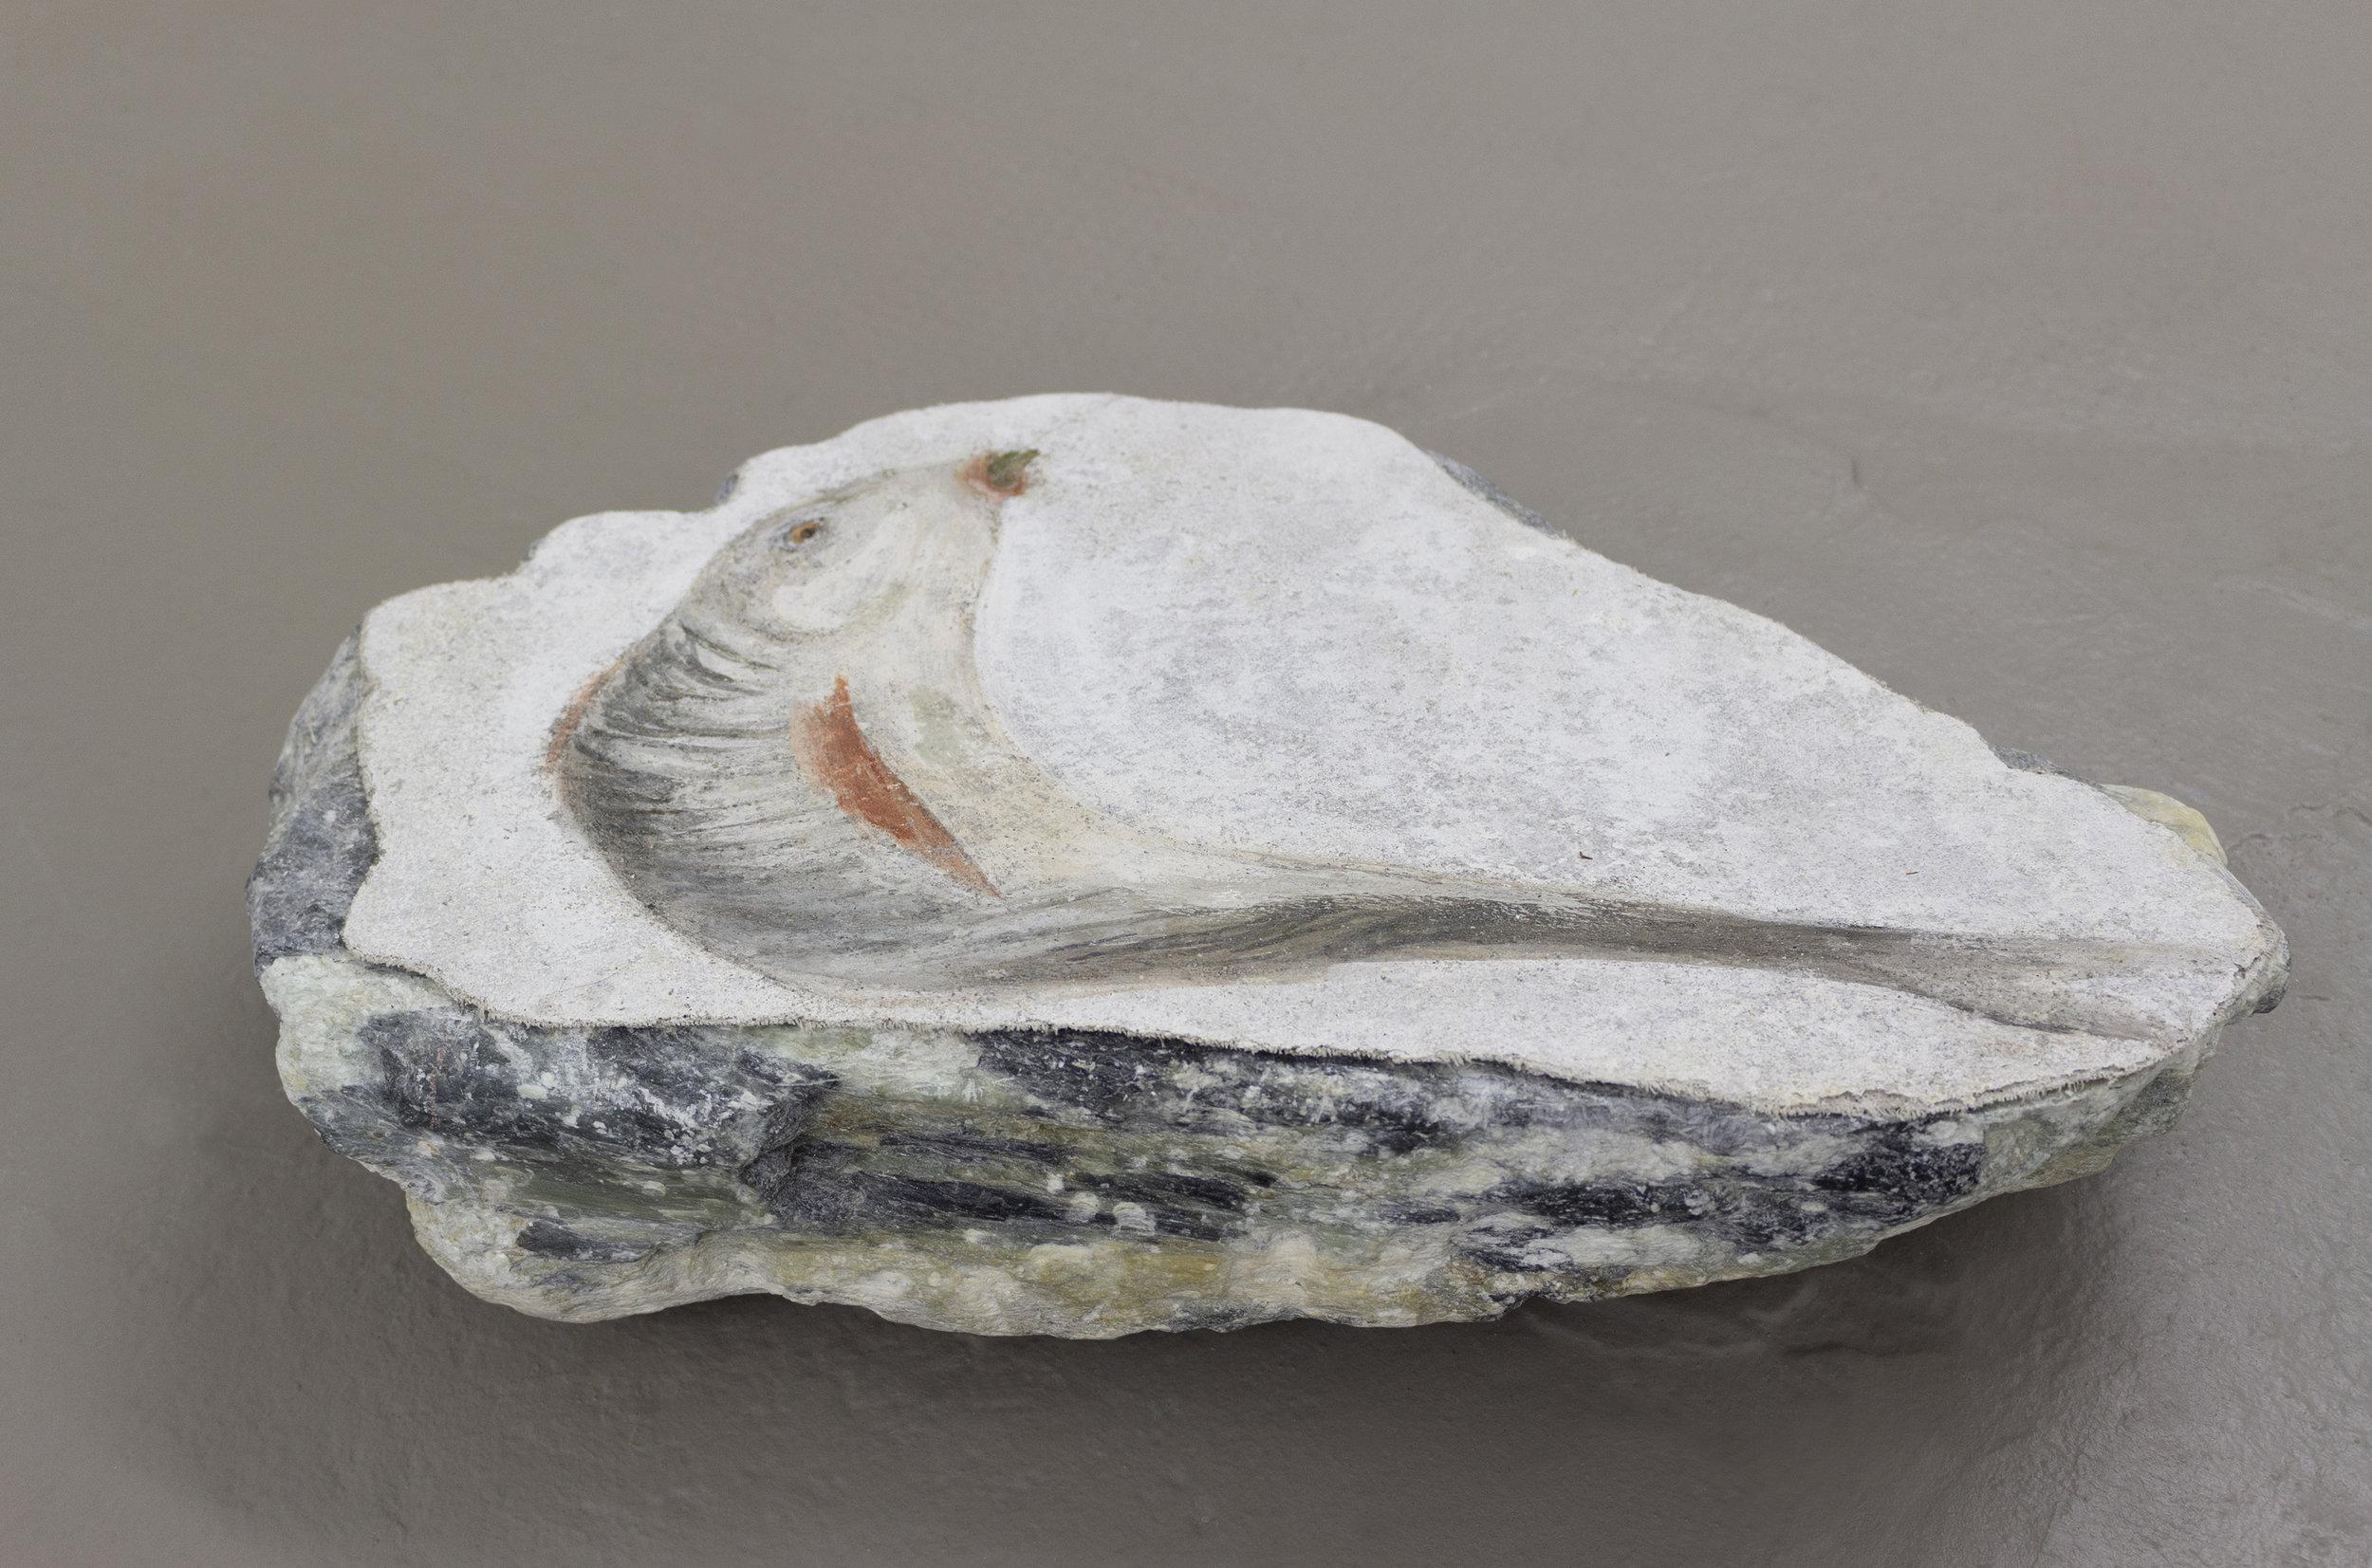 Fish, Fresco's strappo on stone